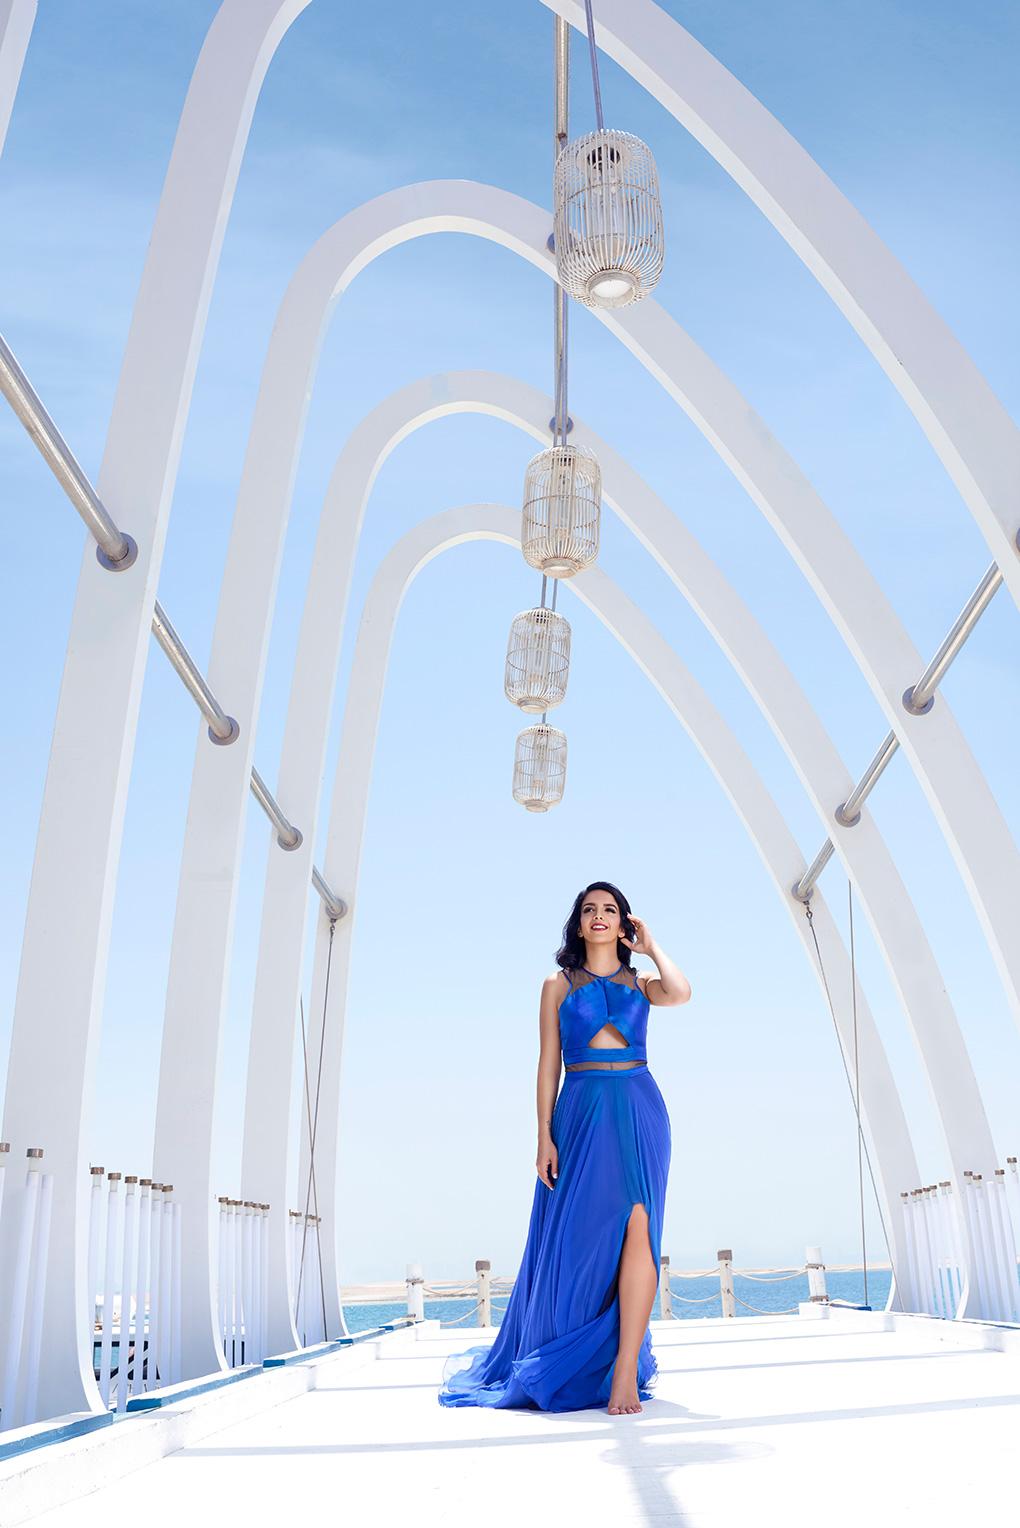 Lyla_Loves_Fashion_Amulette_de_Cartier_5